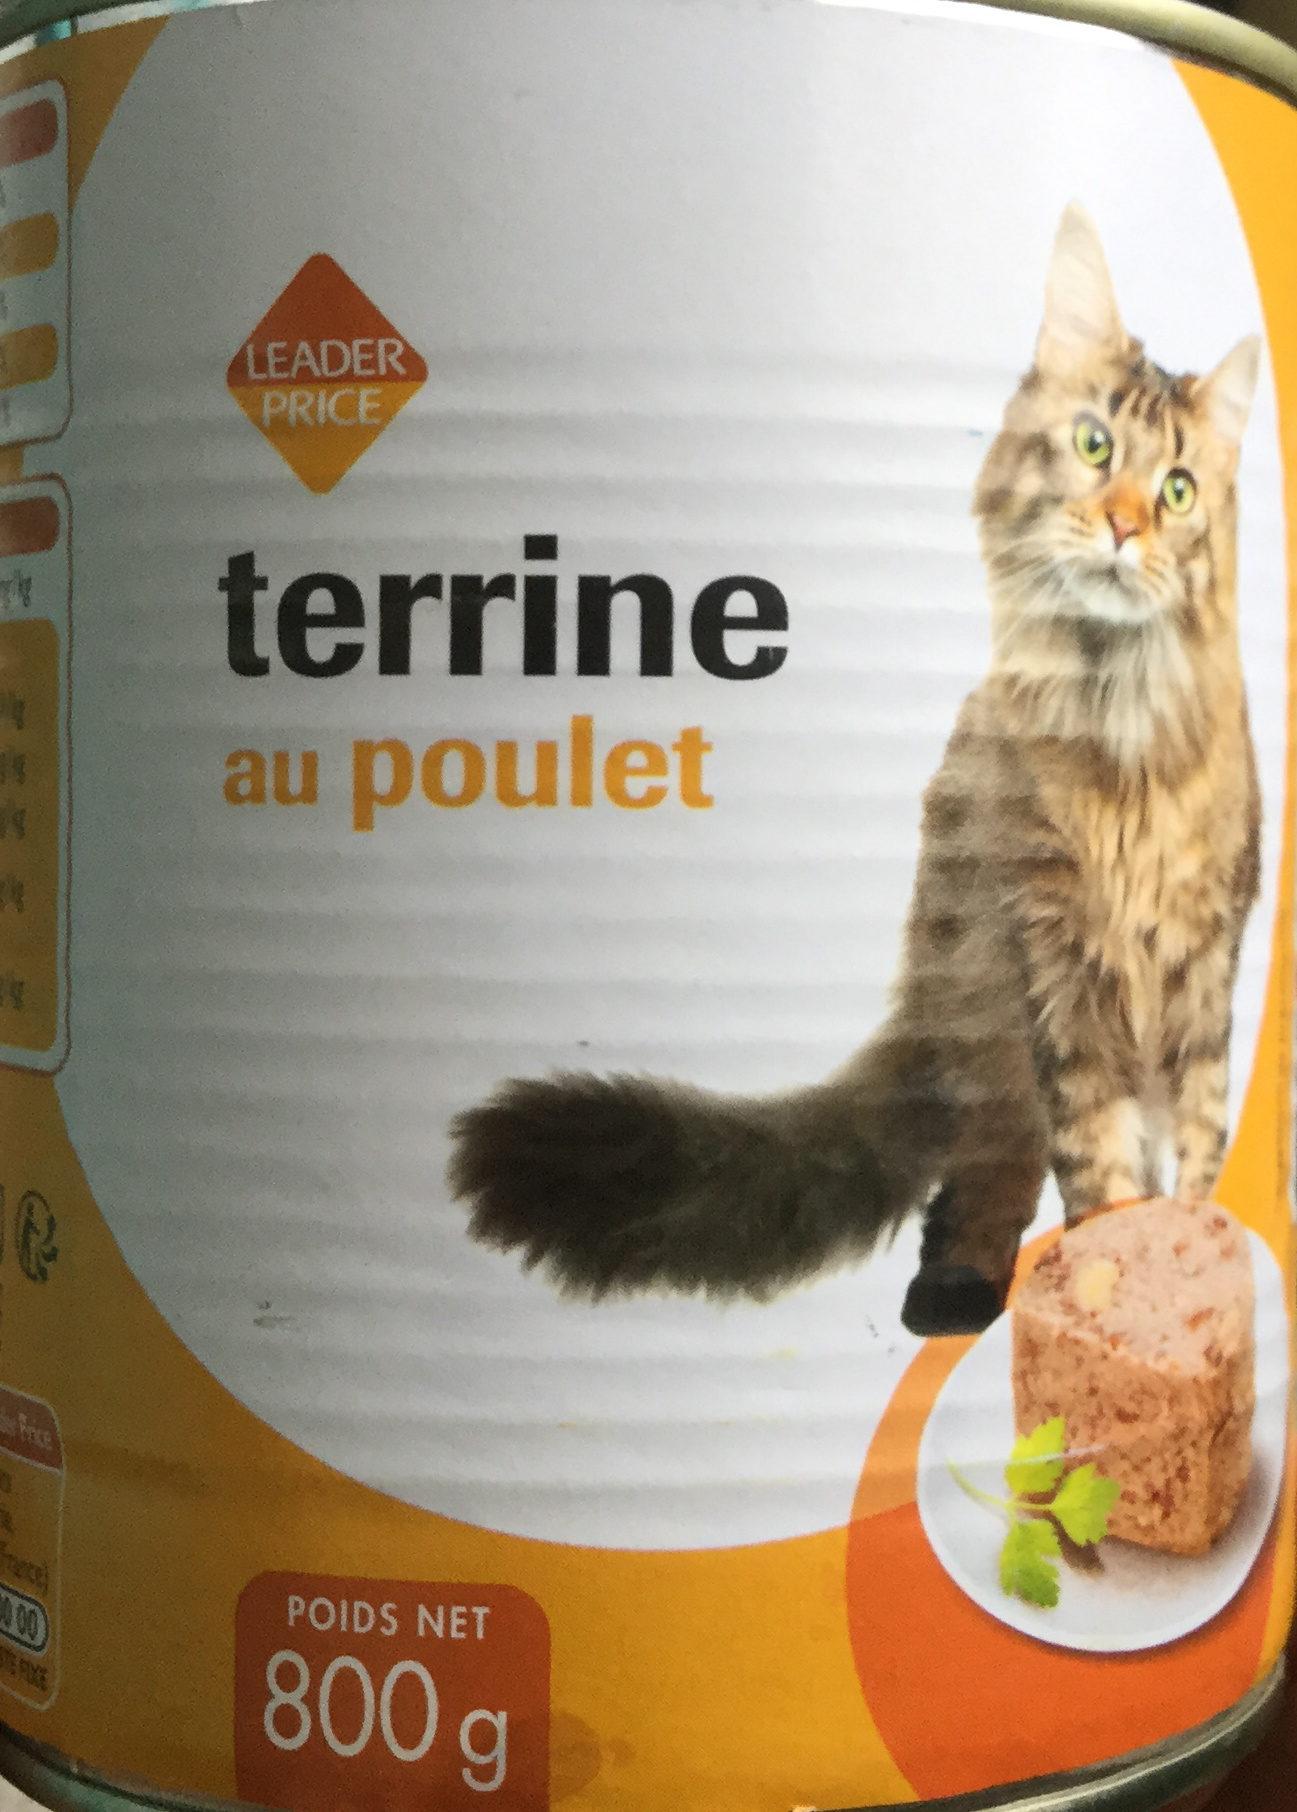 Terrine au poulet - Product